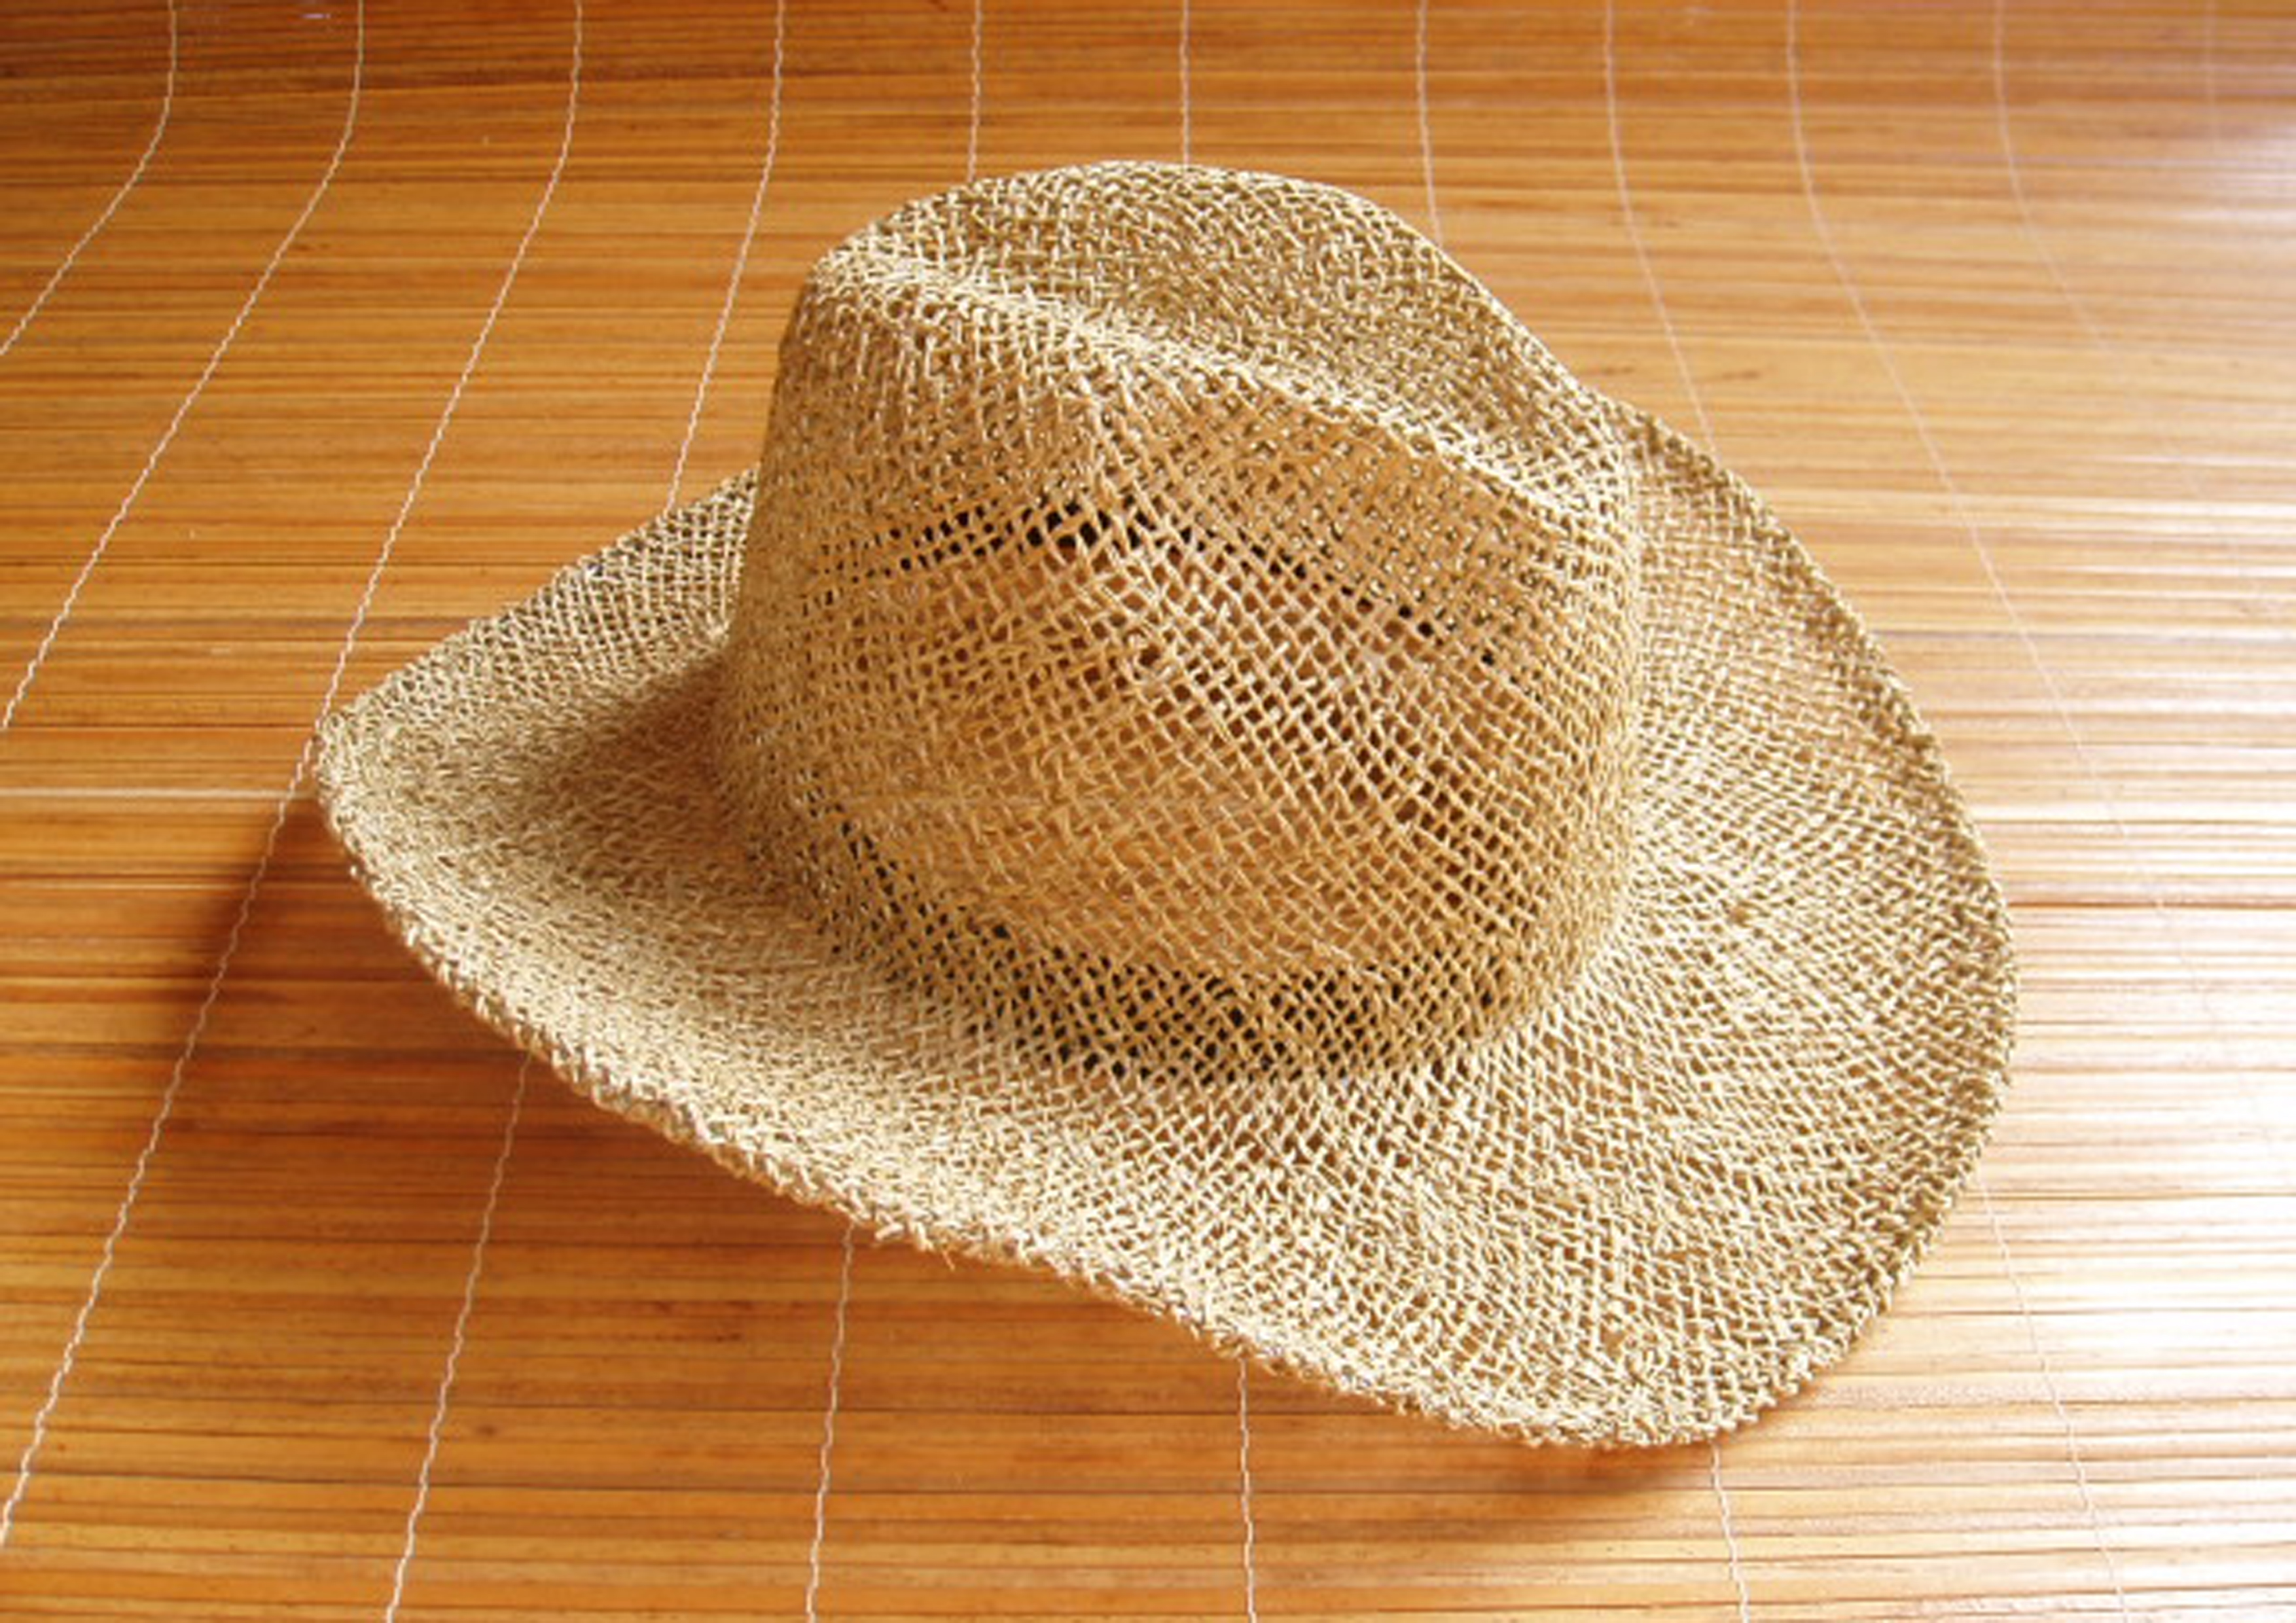 cowboy traforato, il cappello viene fornito di nastro regolatore di ampiezza